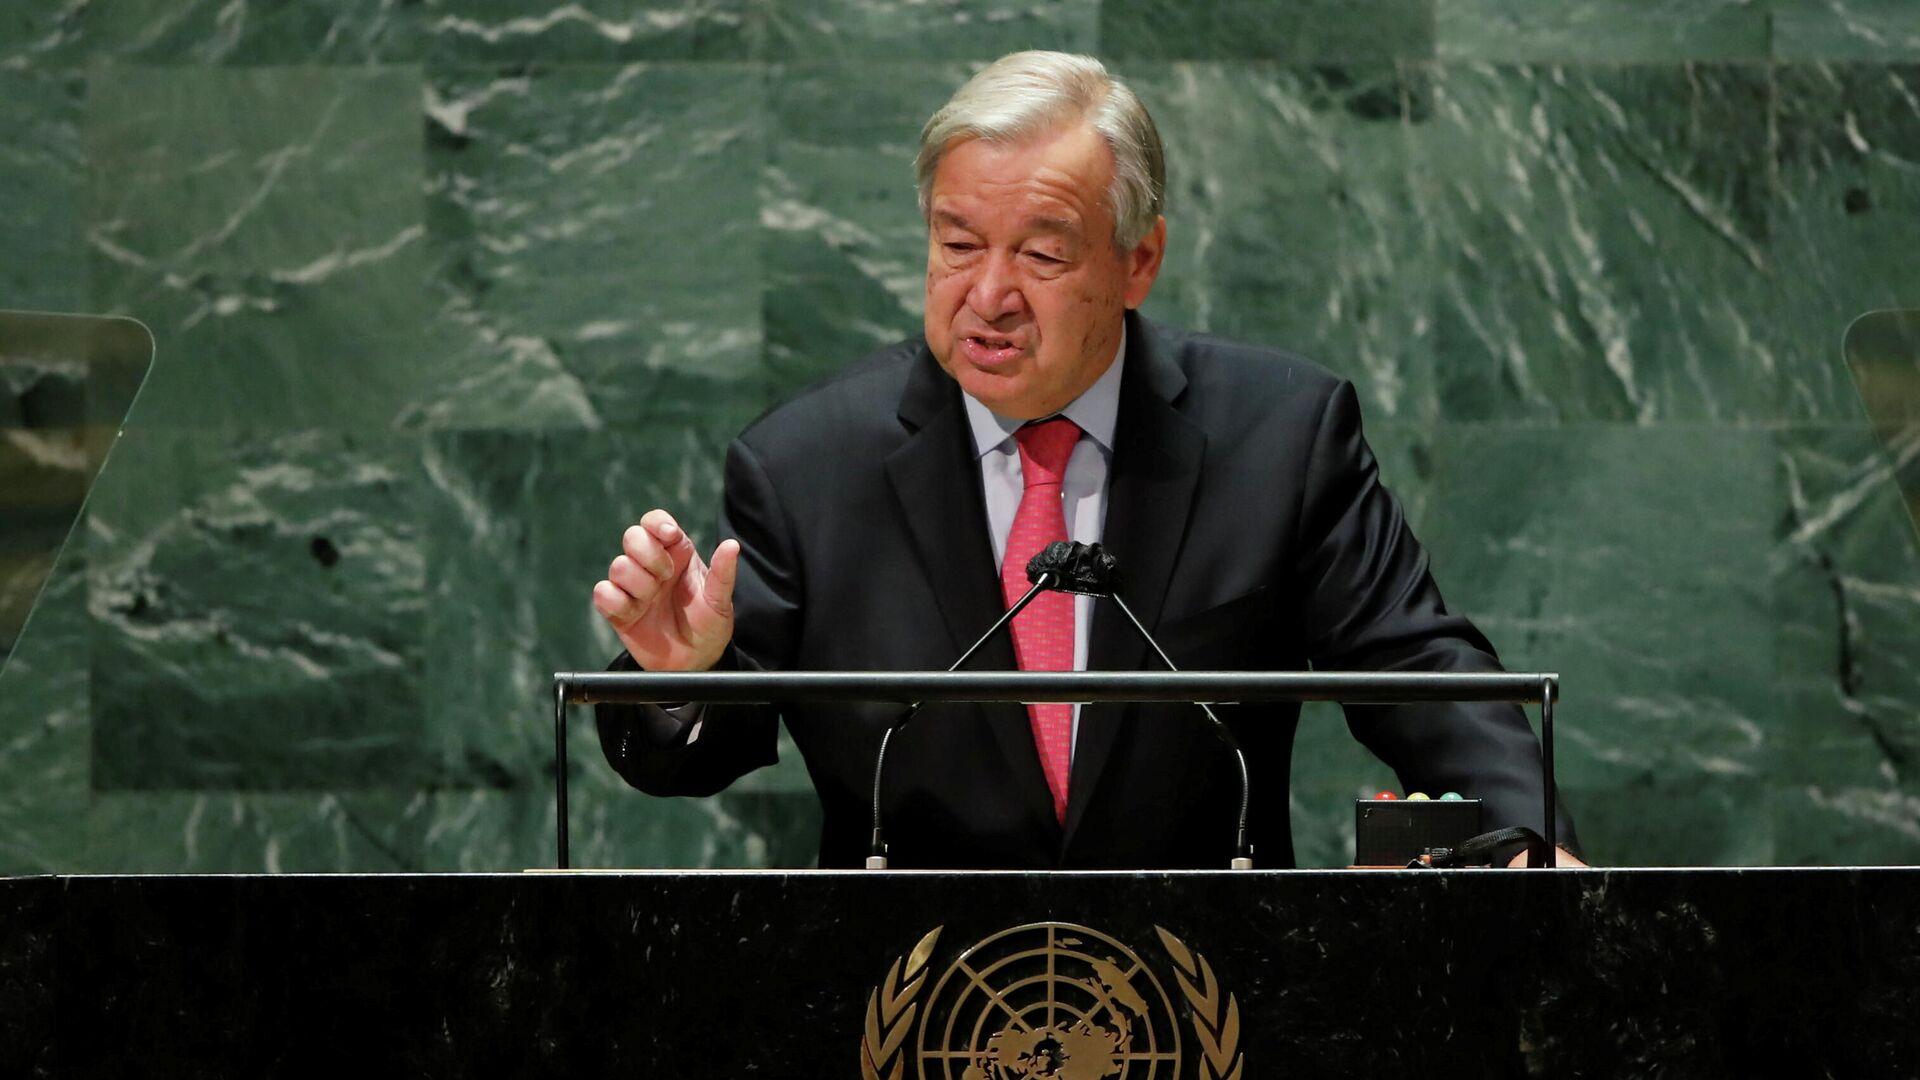 Генеральный секретарь ООН Антониу Гутерреш выступает на Генеральной Ассамблее в Нью-Йорке - РИА Новости, 1920, 11.10.2021